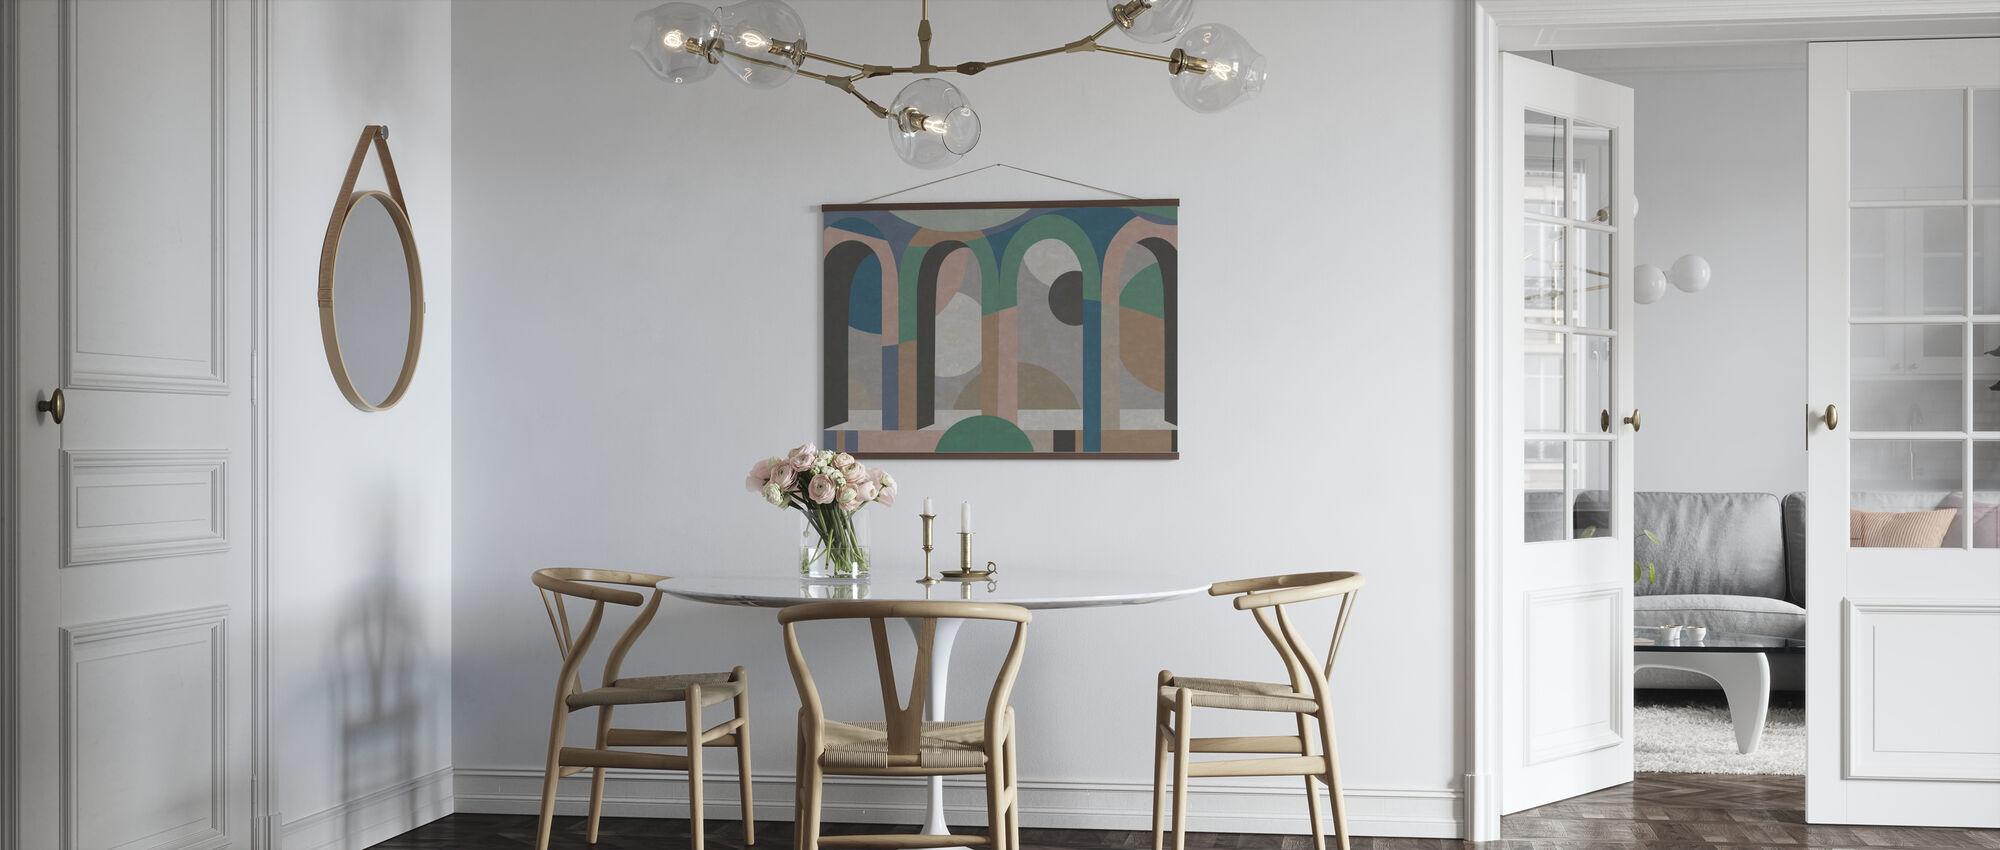 Bogenform - Poster - Küchen